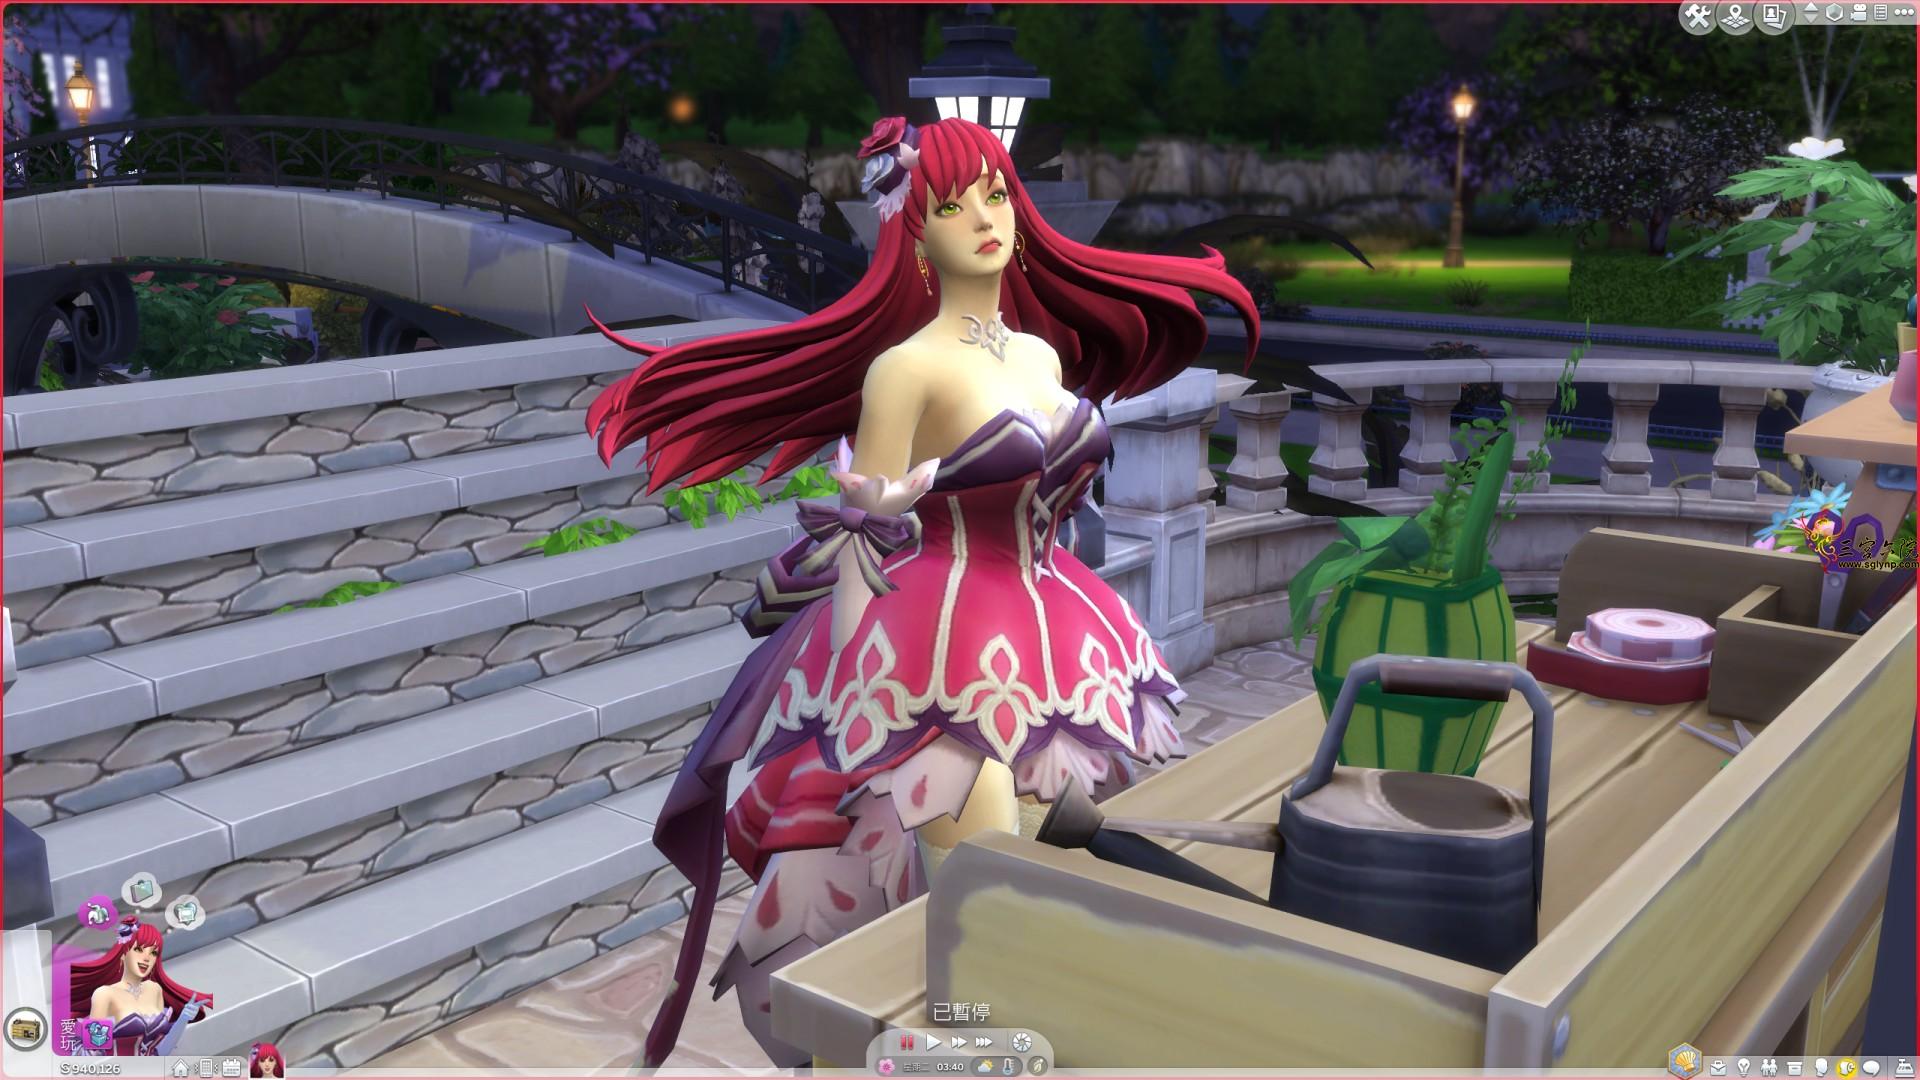 Sims 4 Screenshot 2020.11.04 - 19.46.39.05.png